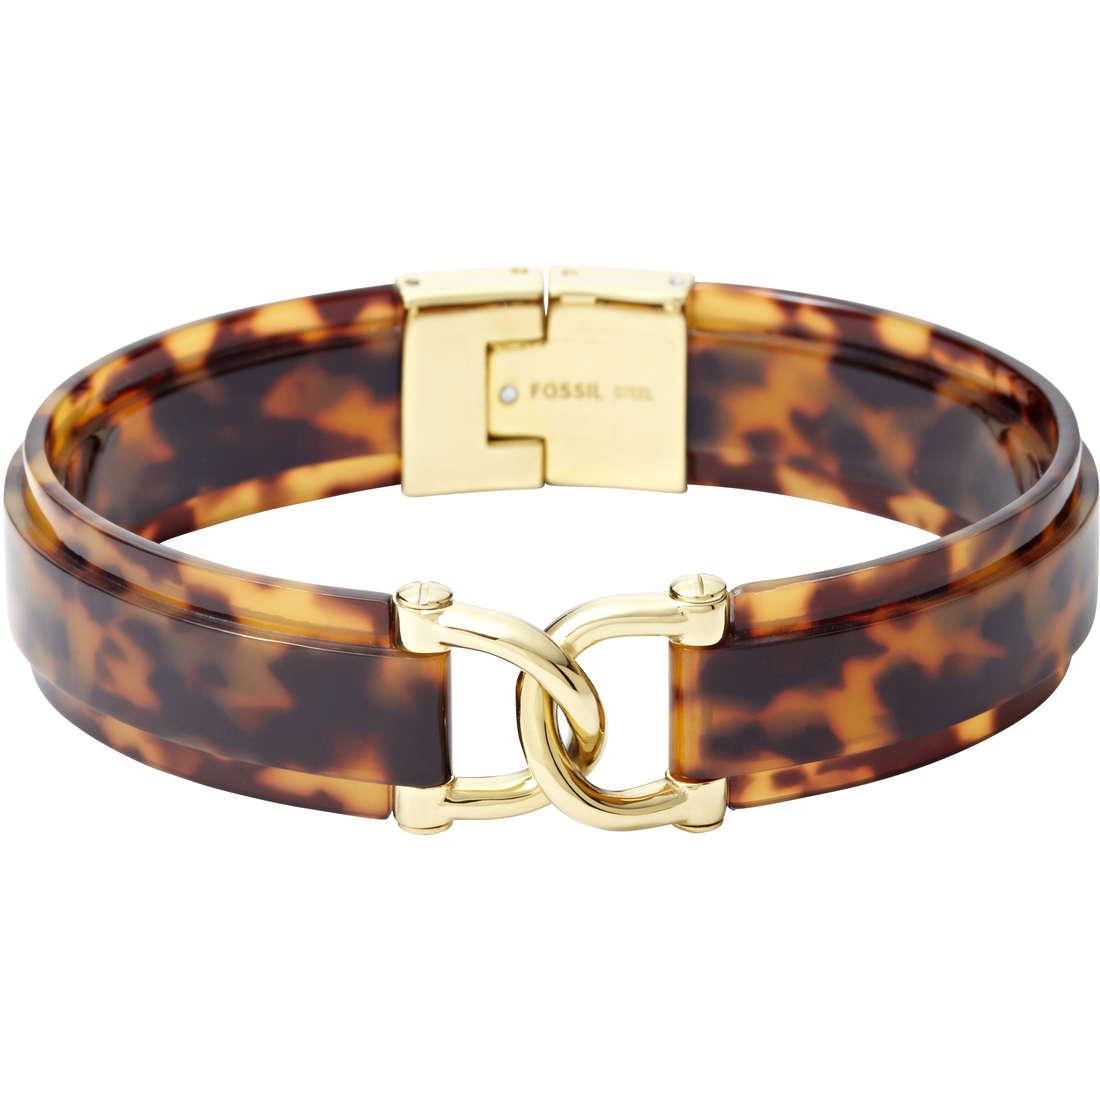 bracelet woman jewellery Fossil Fall 2013 JF00920710